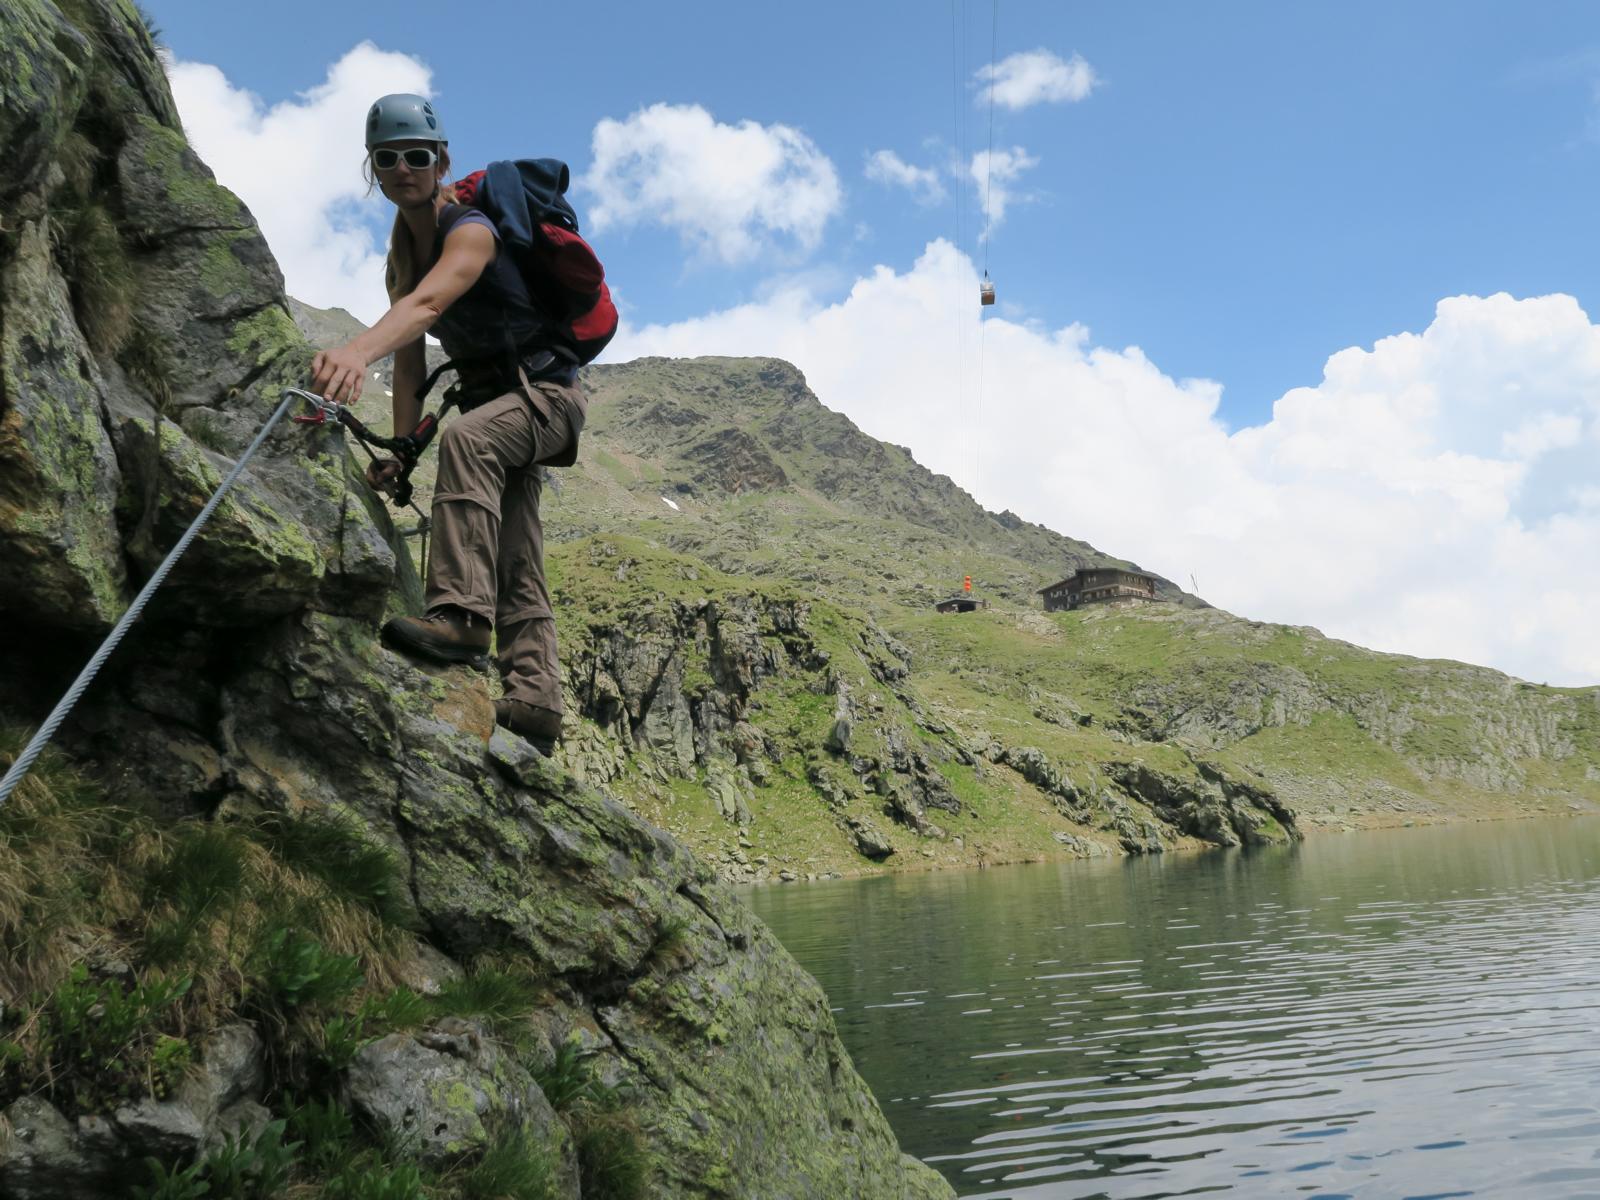 Klettersteig Lienz : Wangenitzsee klettersteig bergsteigen